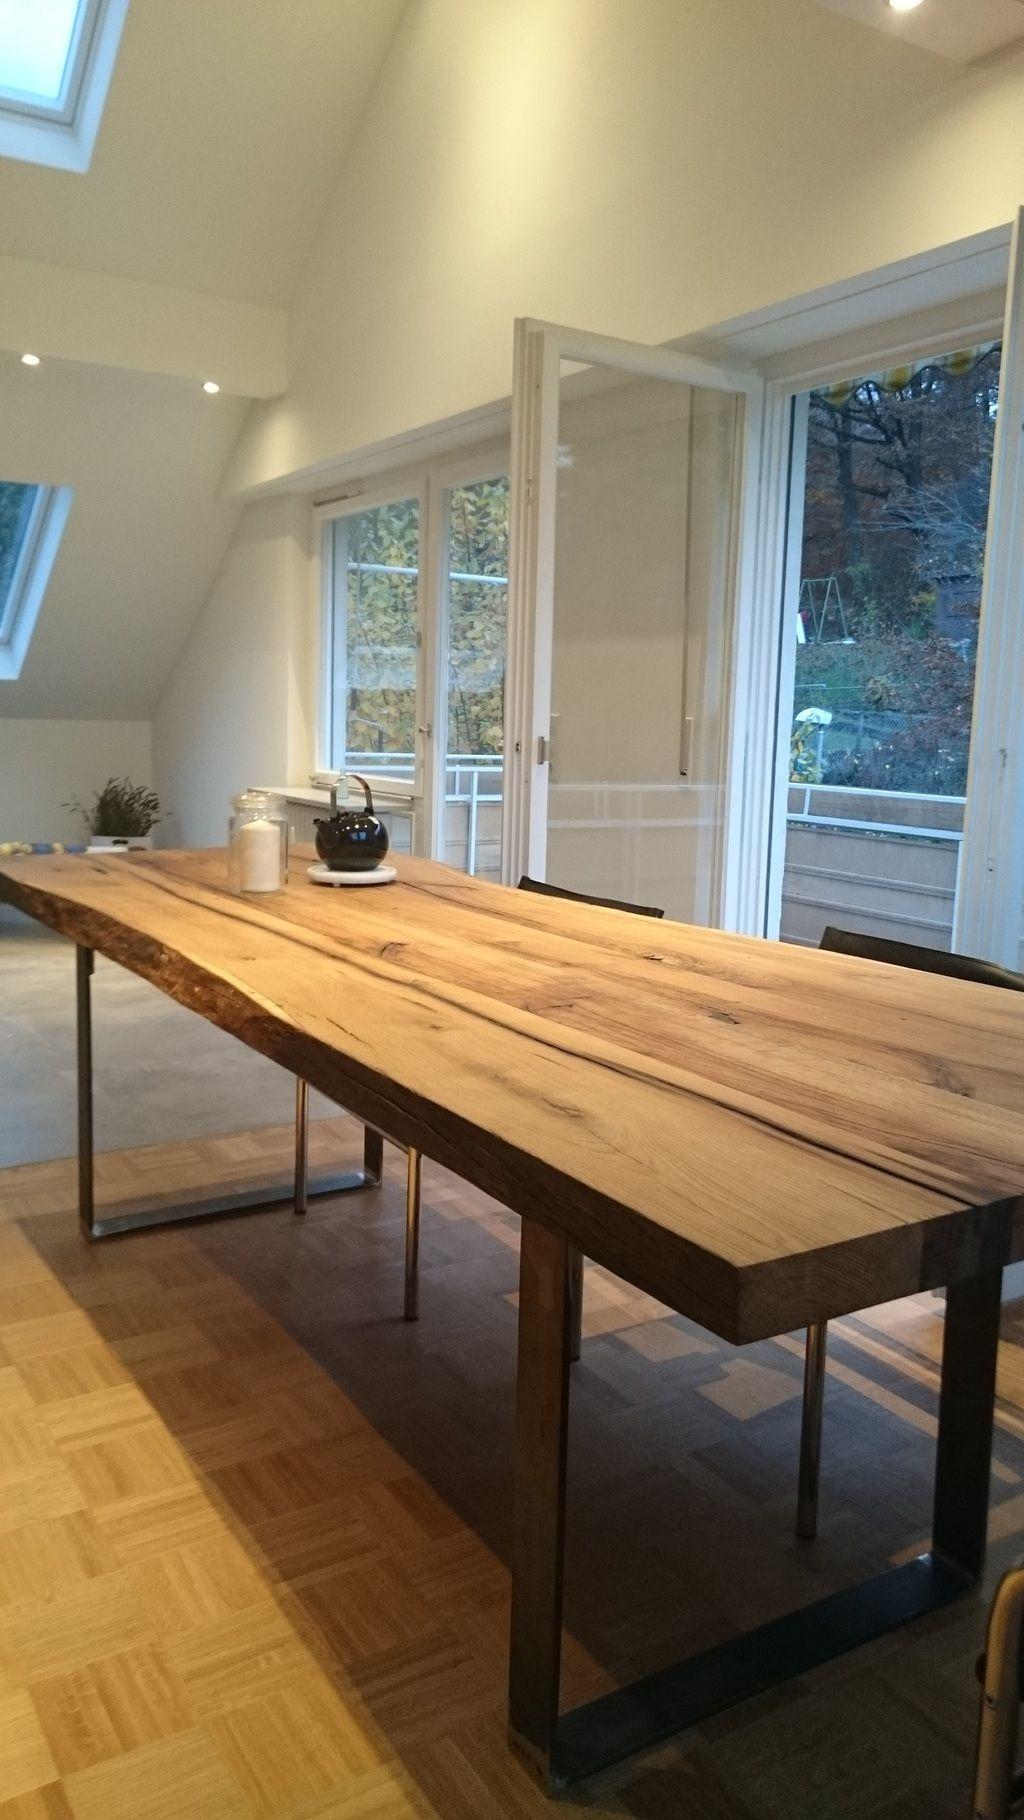 Tisch rom italienisches temperament wohnzimmer for Esstisch italienisch